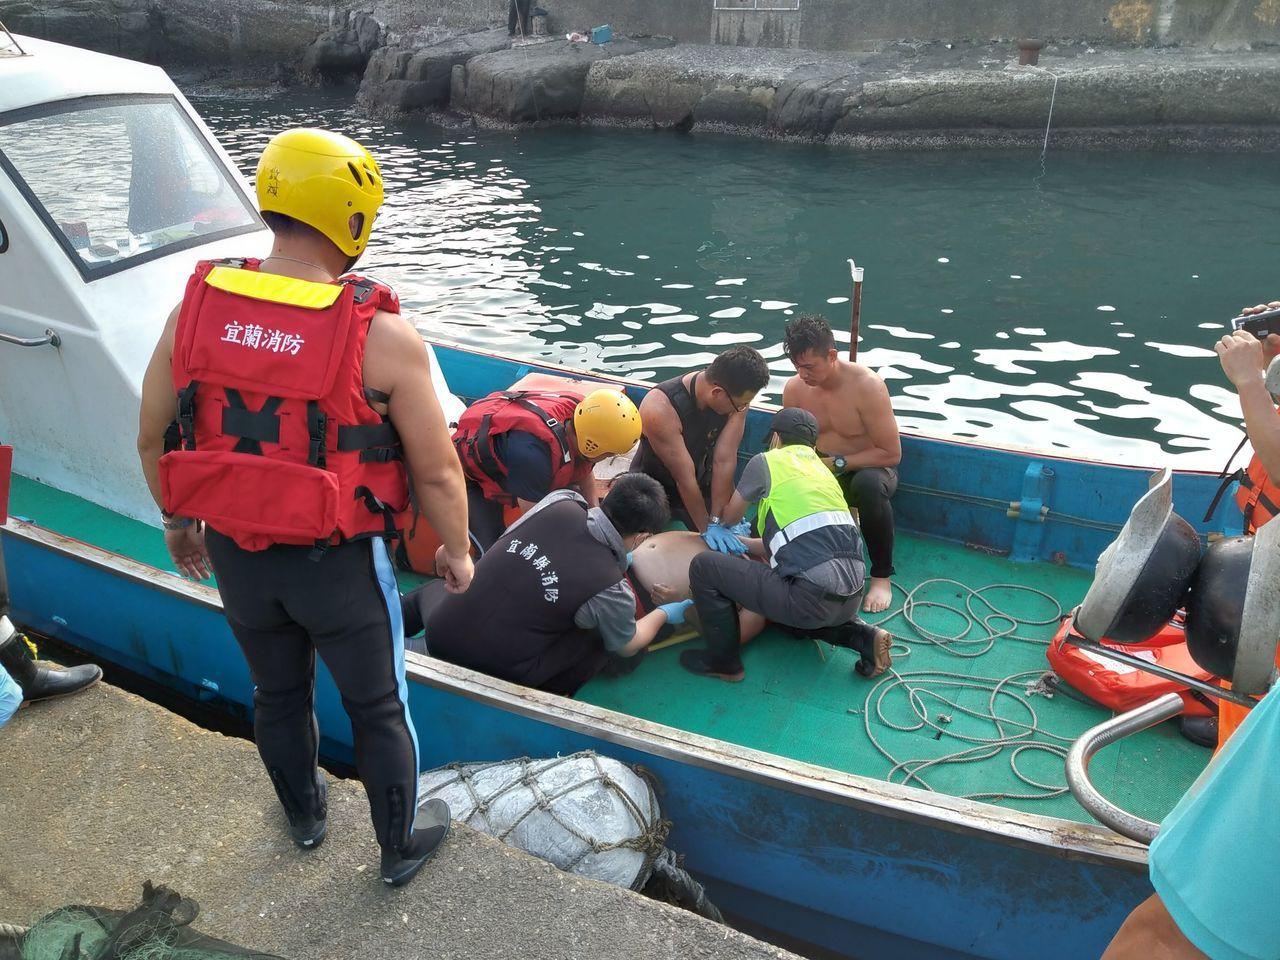 宜蘭蜜月灣釣客被打落海,救起時已無生命徵象,送醫搶救。圖/宜蘭縣消防局提供